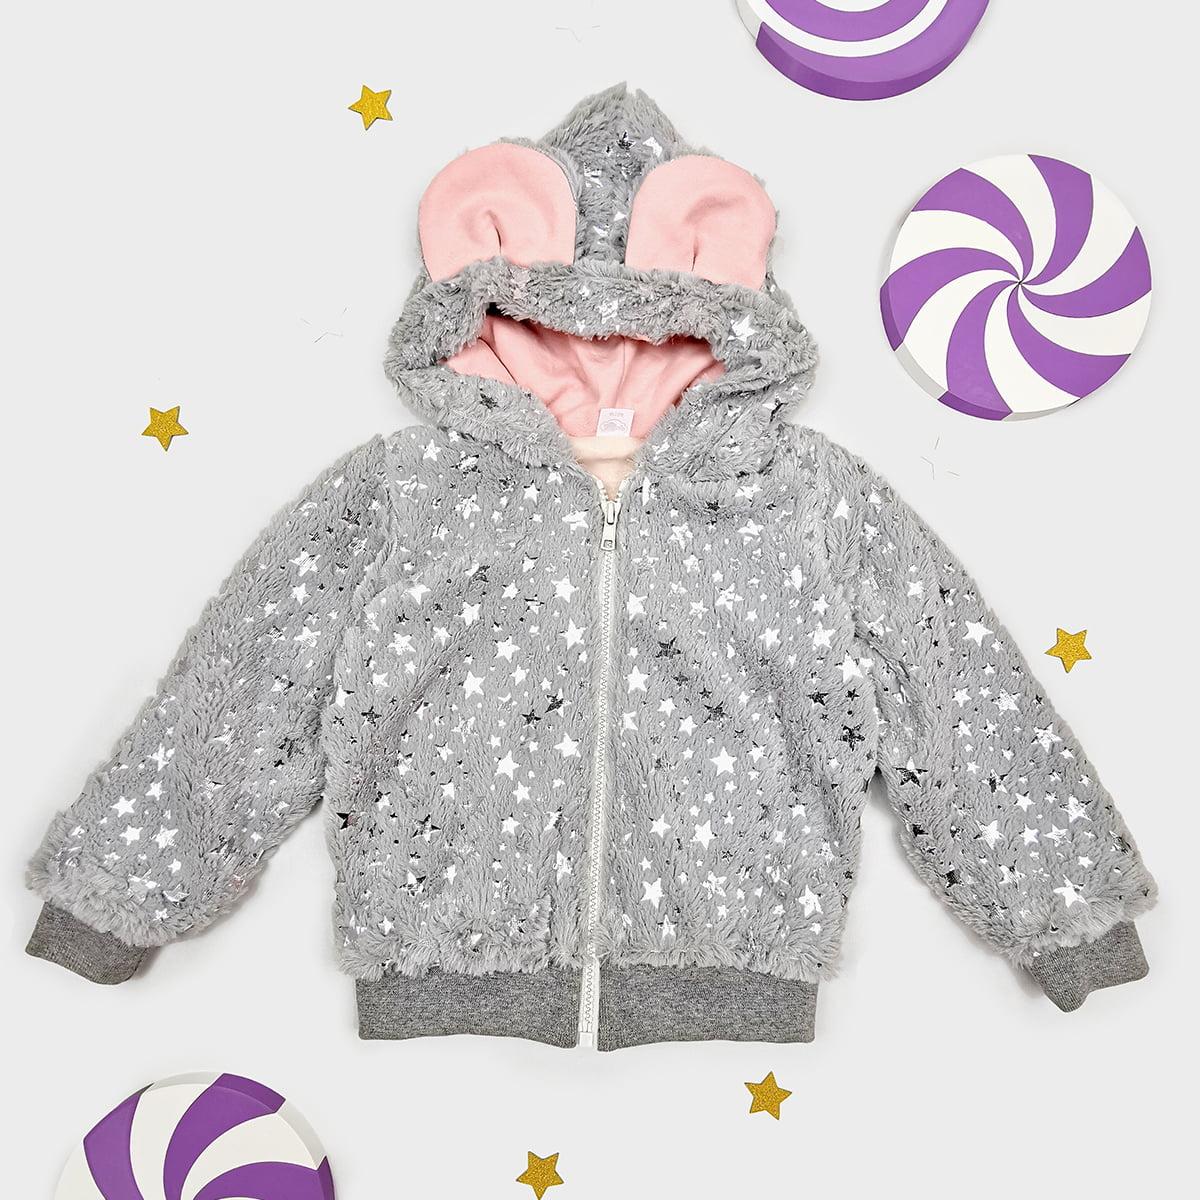 twinkle siva bundica jaknica s kapuljačom